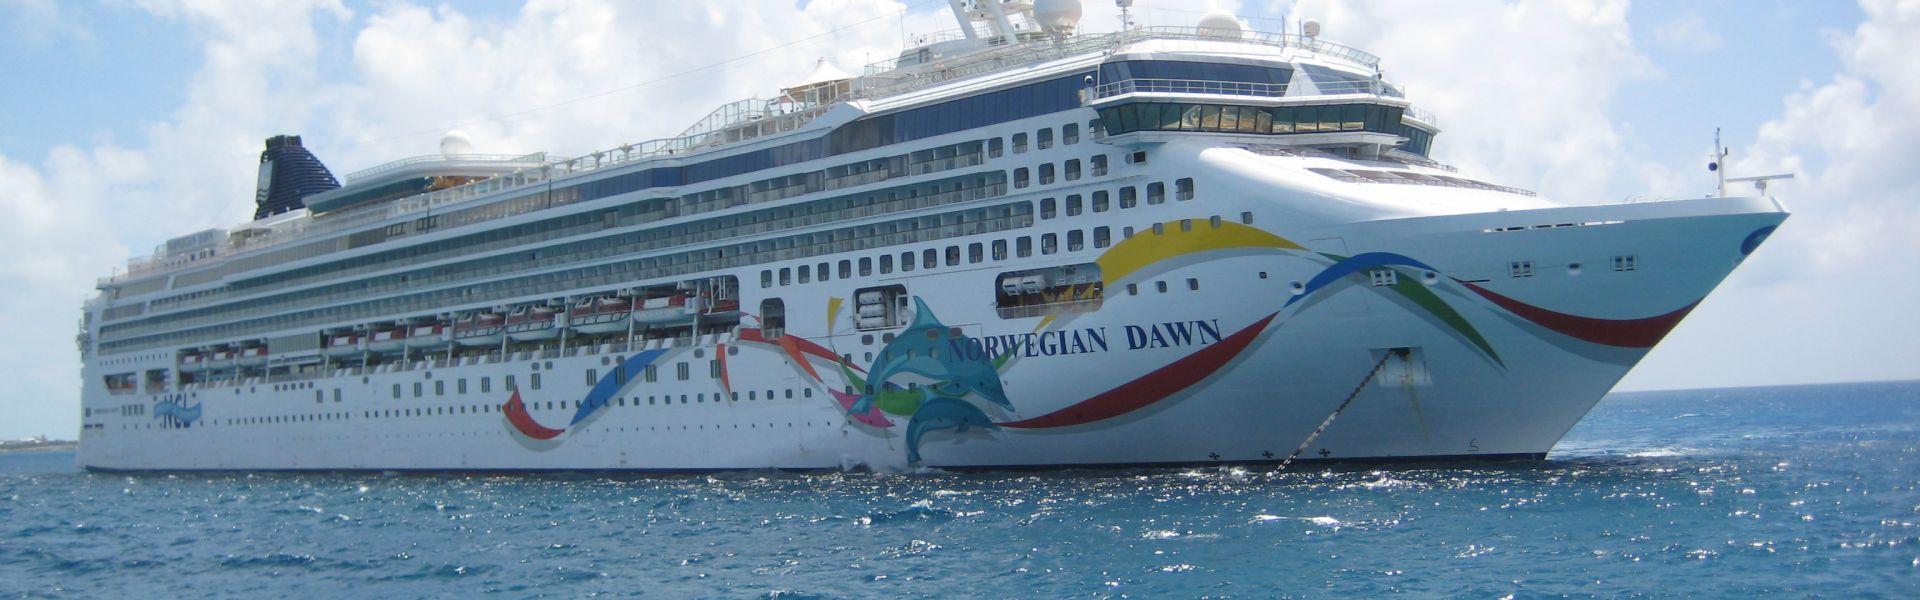 Croaziera 2017 - Caraibele de Sud (San Juan) - Norwegian Cruise Line - Norwegian Dawn - 7 nopti